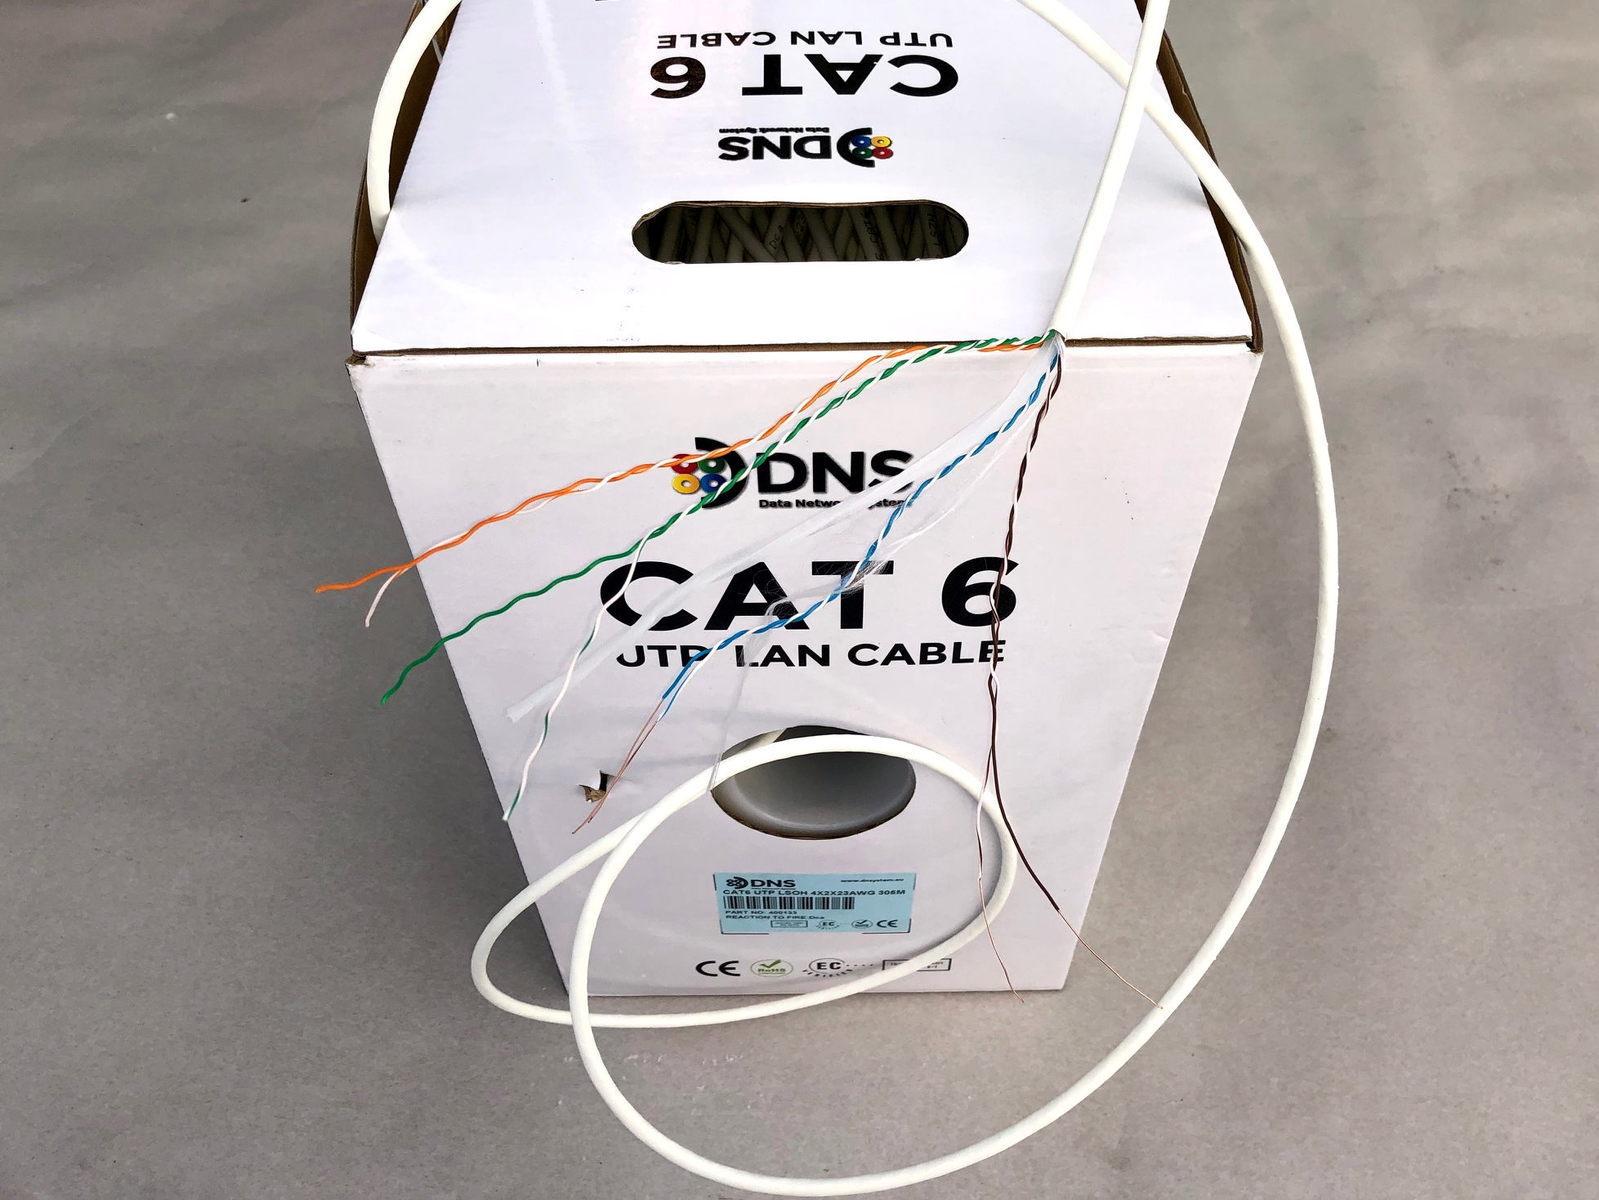 Halogeenivaba  arvutivõrgu kaabel Cat 6 U/UTP, 4x2x0,5 mm, DNS